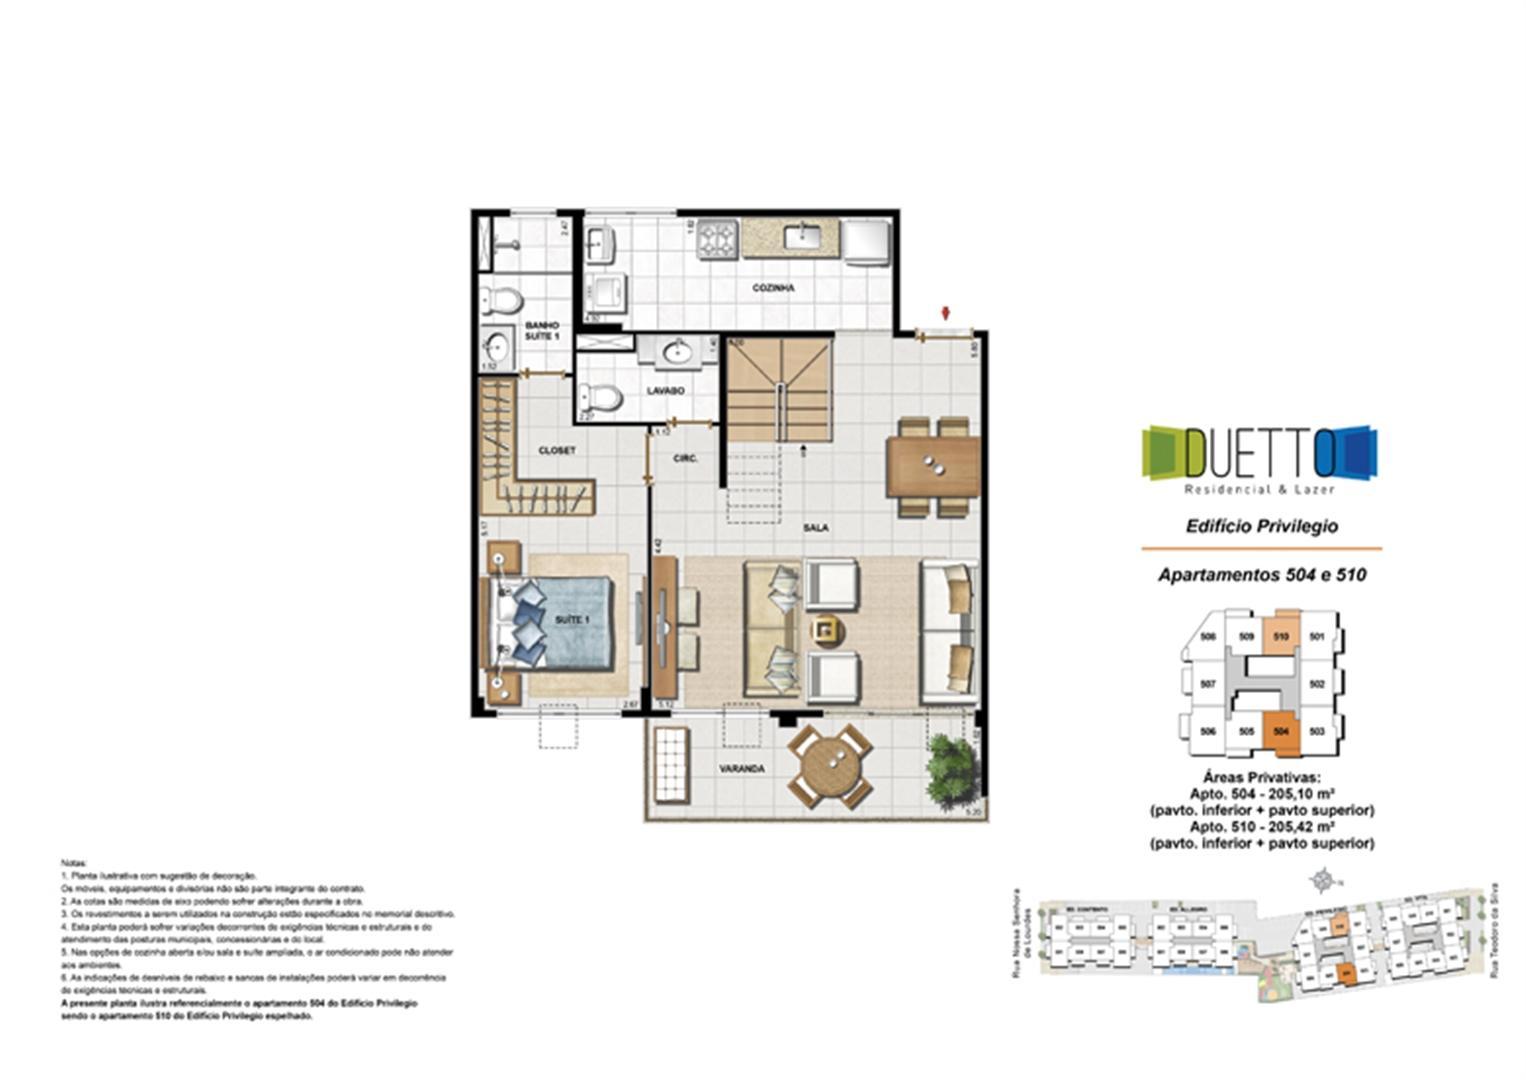 Cobertura Duplex - 2 Quartos com suíte – 205m² - pavto inferior+ pavto superior | Duetto Residencial & Lazer – Apartamento no  Grajaú - Rio de Janeiro - Rio de Janeiro